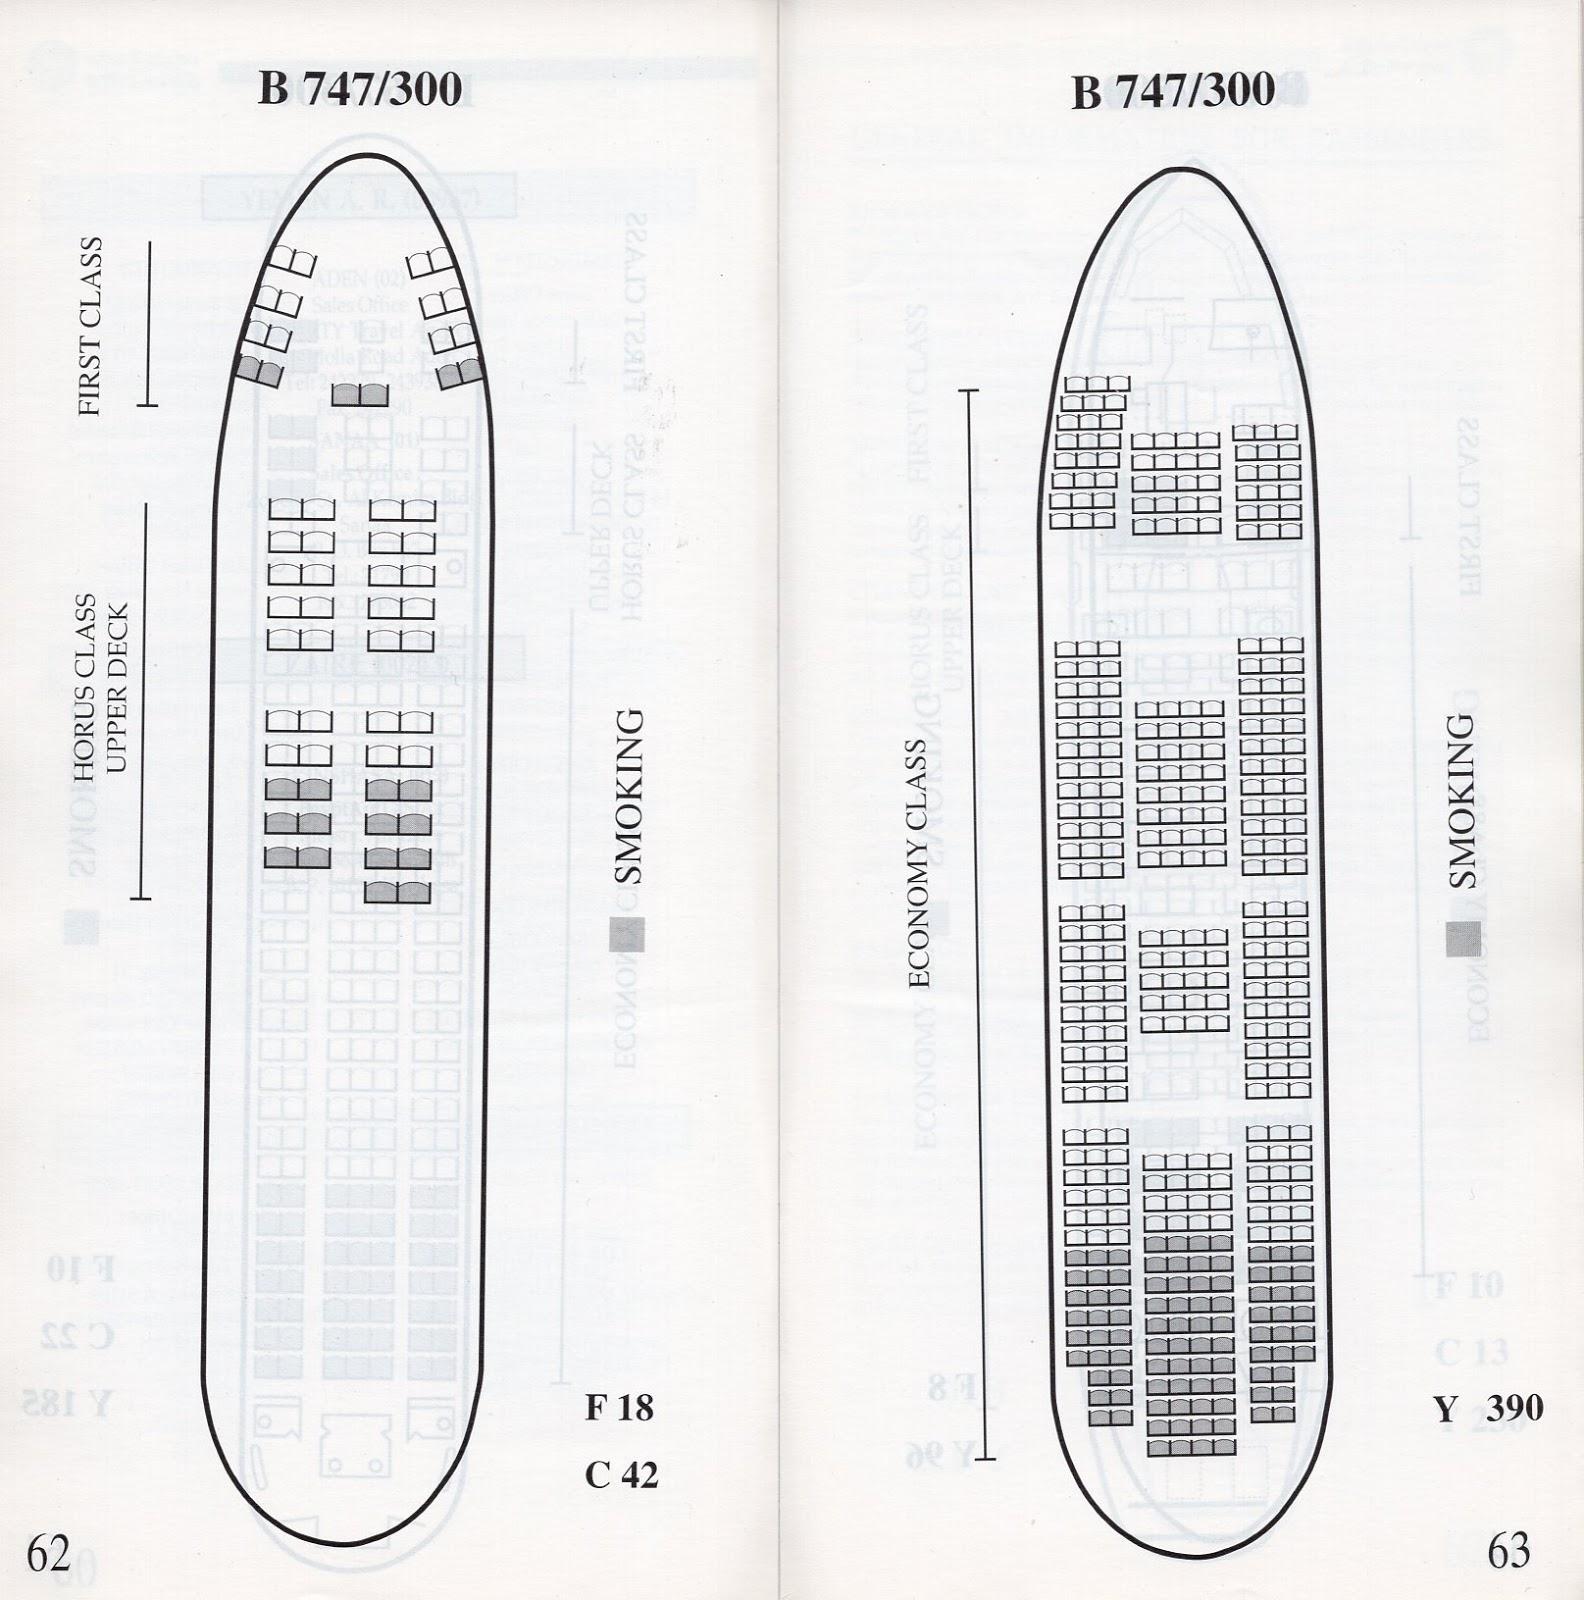 Egyptair Timetable Pdf